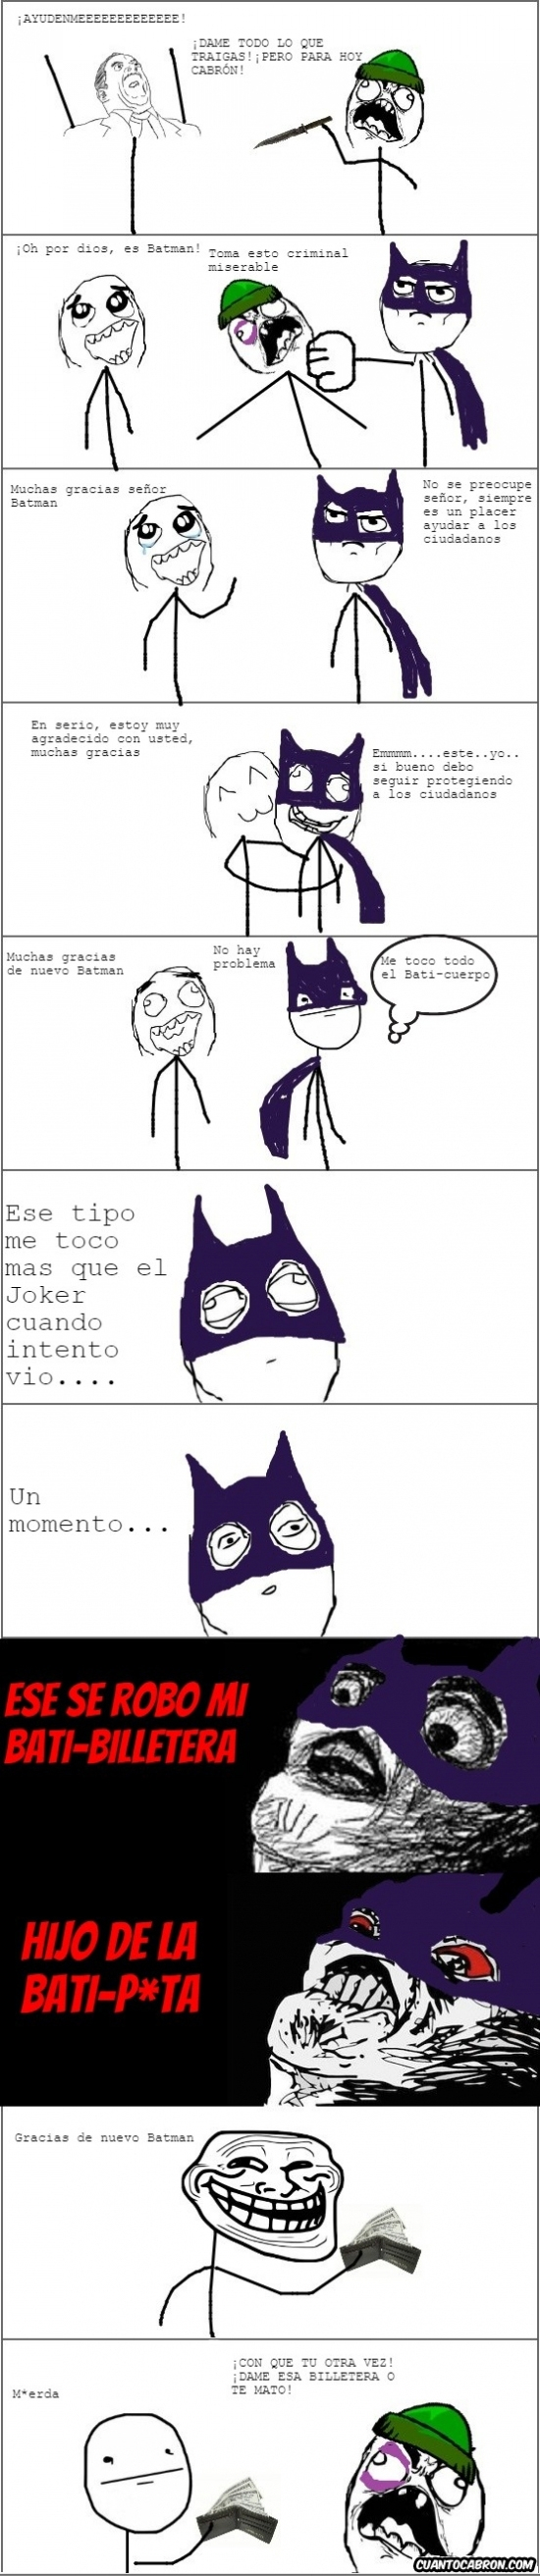 Trollface - Nunca robes a Batman y menos usando un este anzuelo...